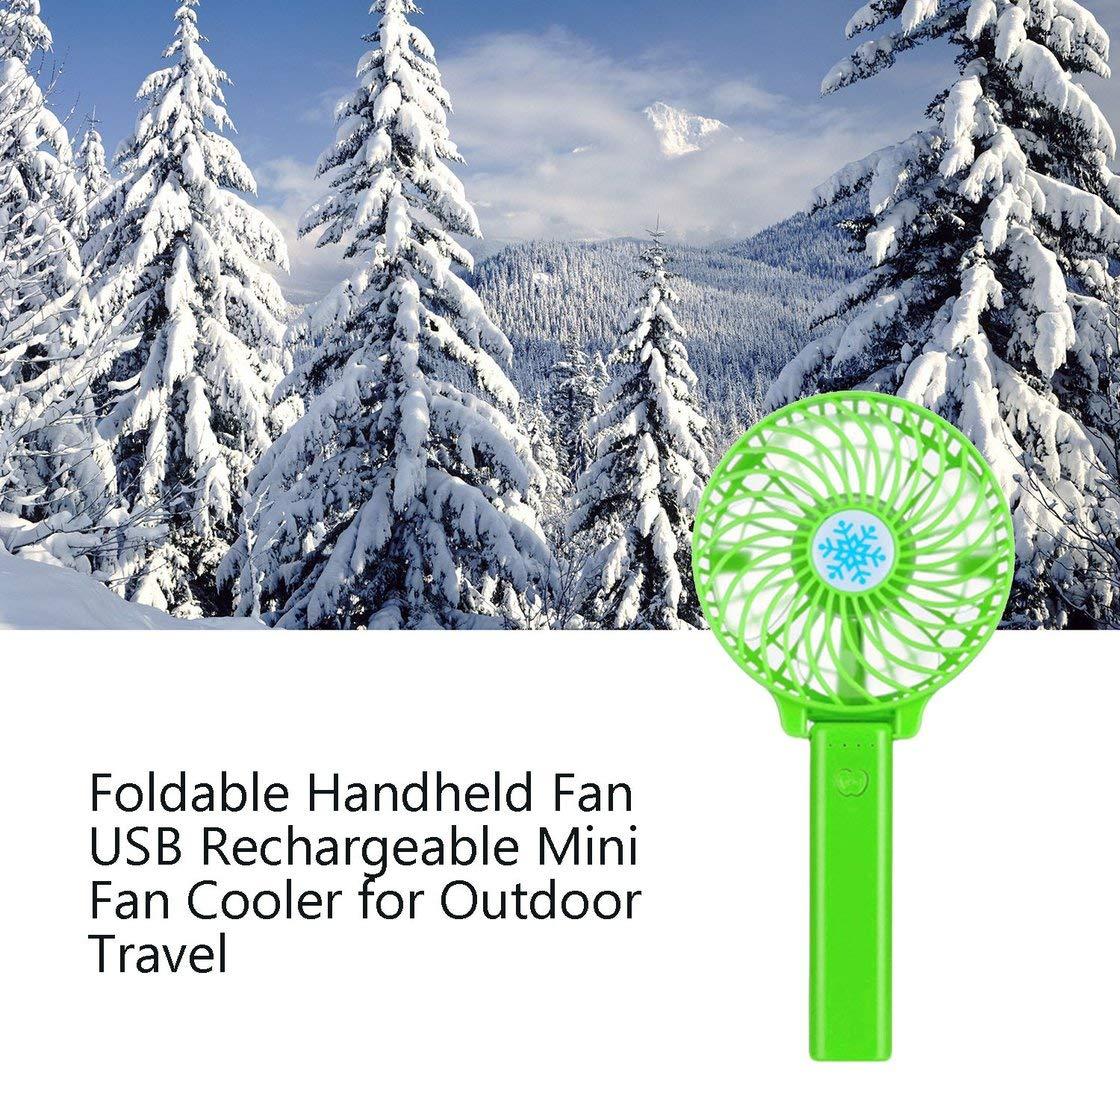 Jessicadaphne Ventilador de Mano Ventilador port/átil peque/ño con Pilas Ventilador Personal Recargable Plegable Ventilador USB Ajustable de 3 velocidades